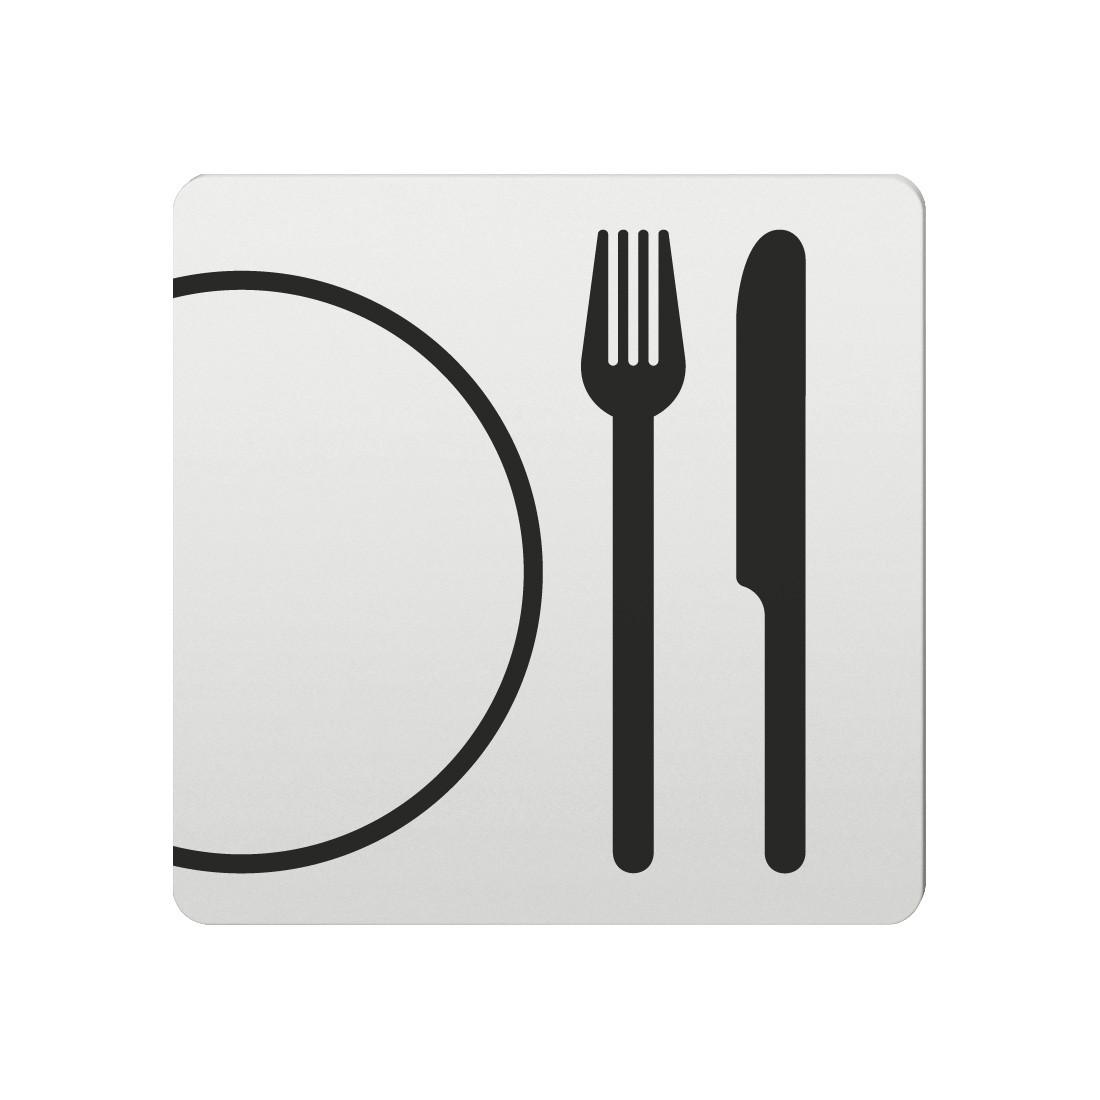 FSB Hinweiszeichen Restaurant Lasergraviert Aluminium naturfarbig (0 36 4059 00310 0105)